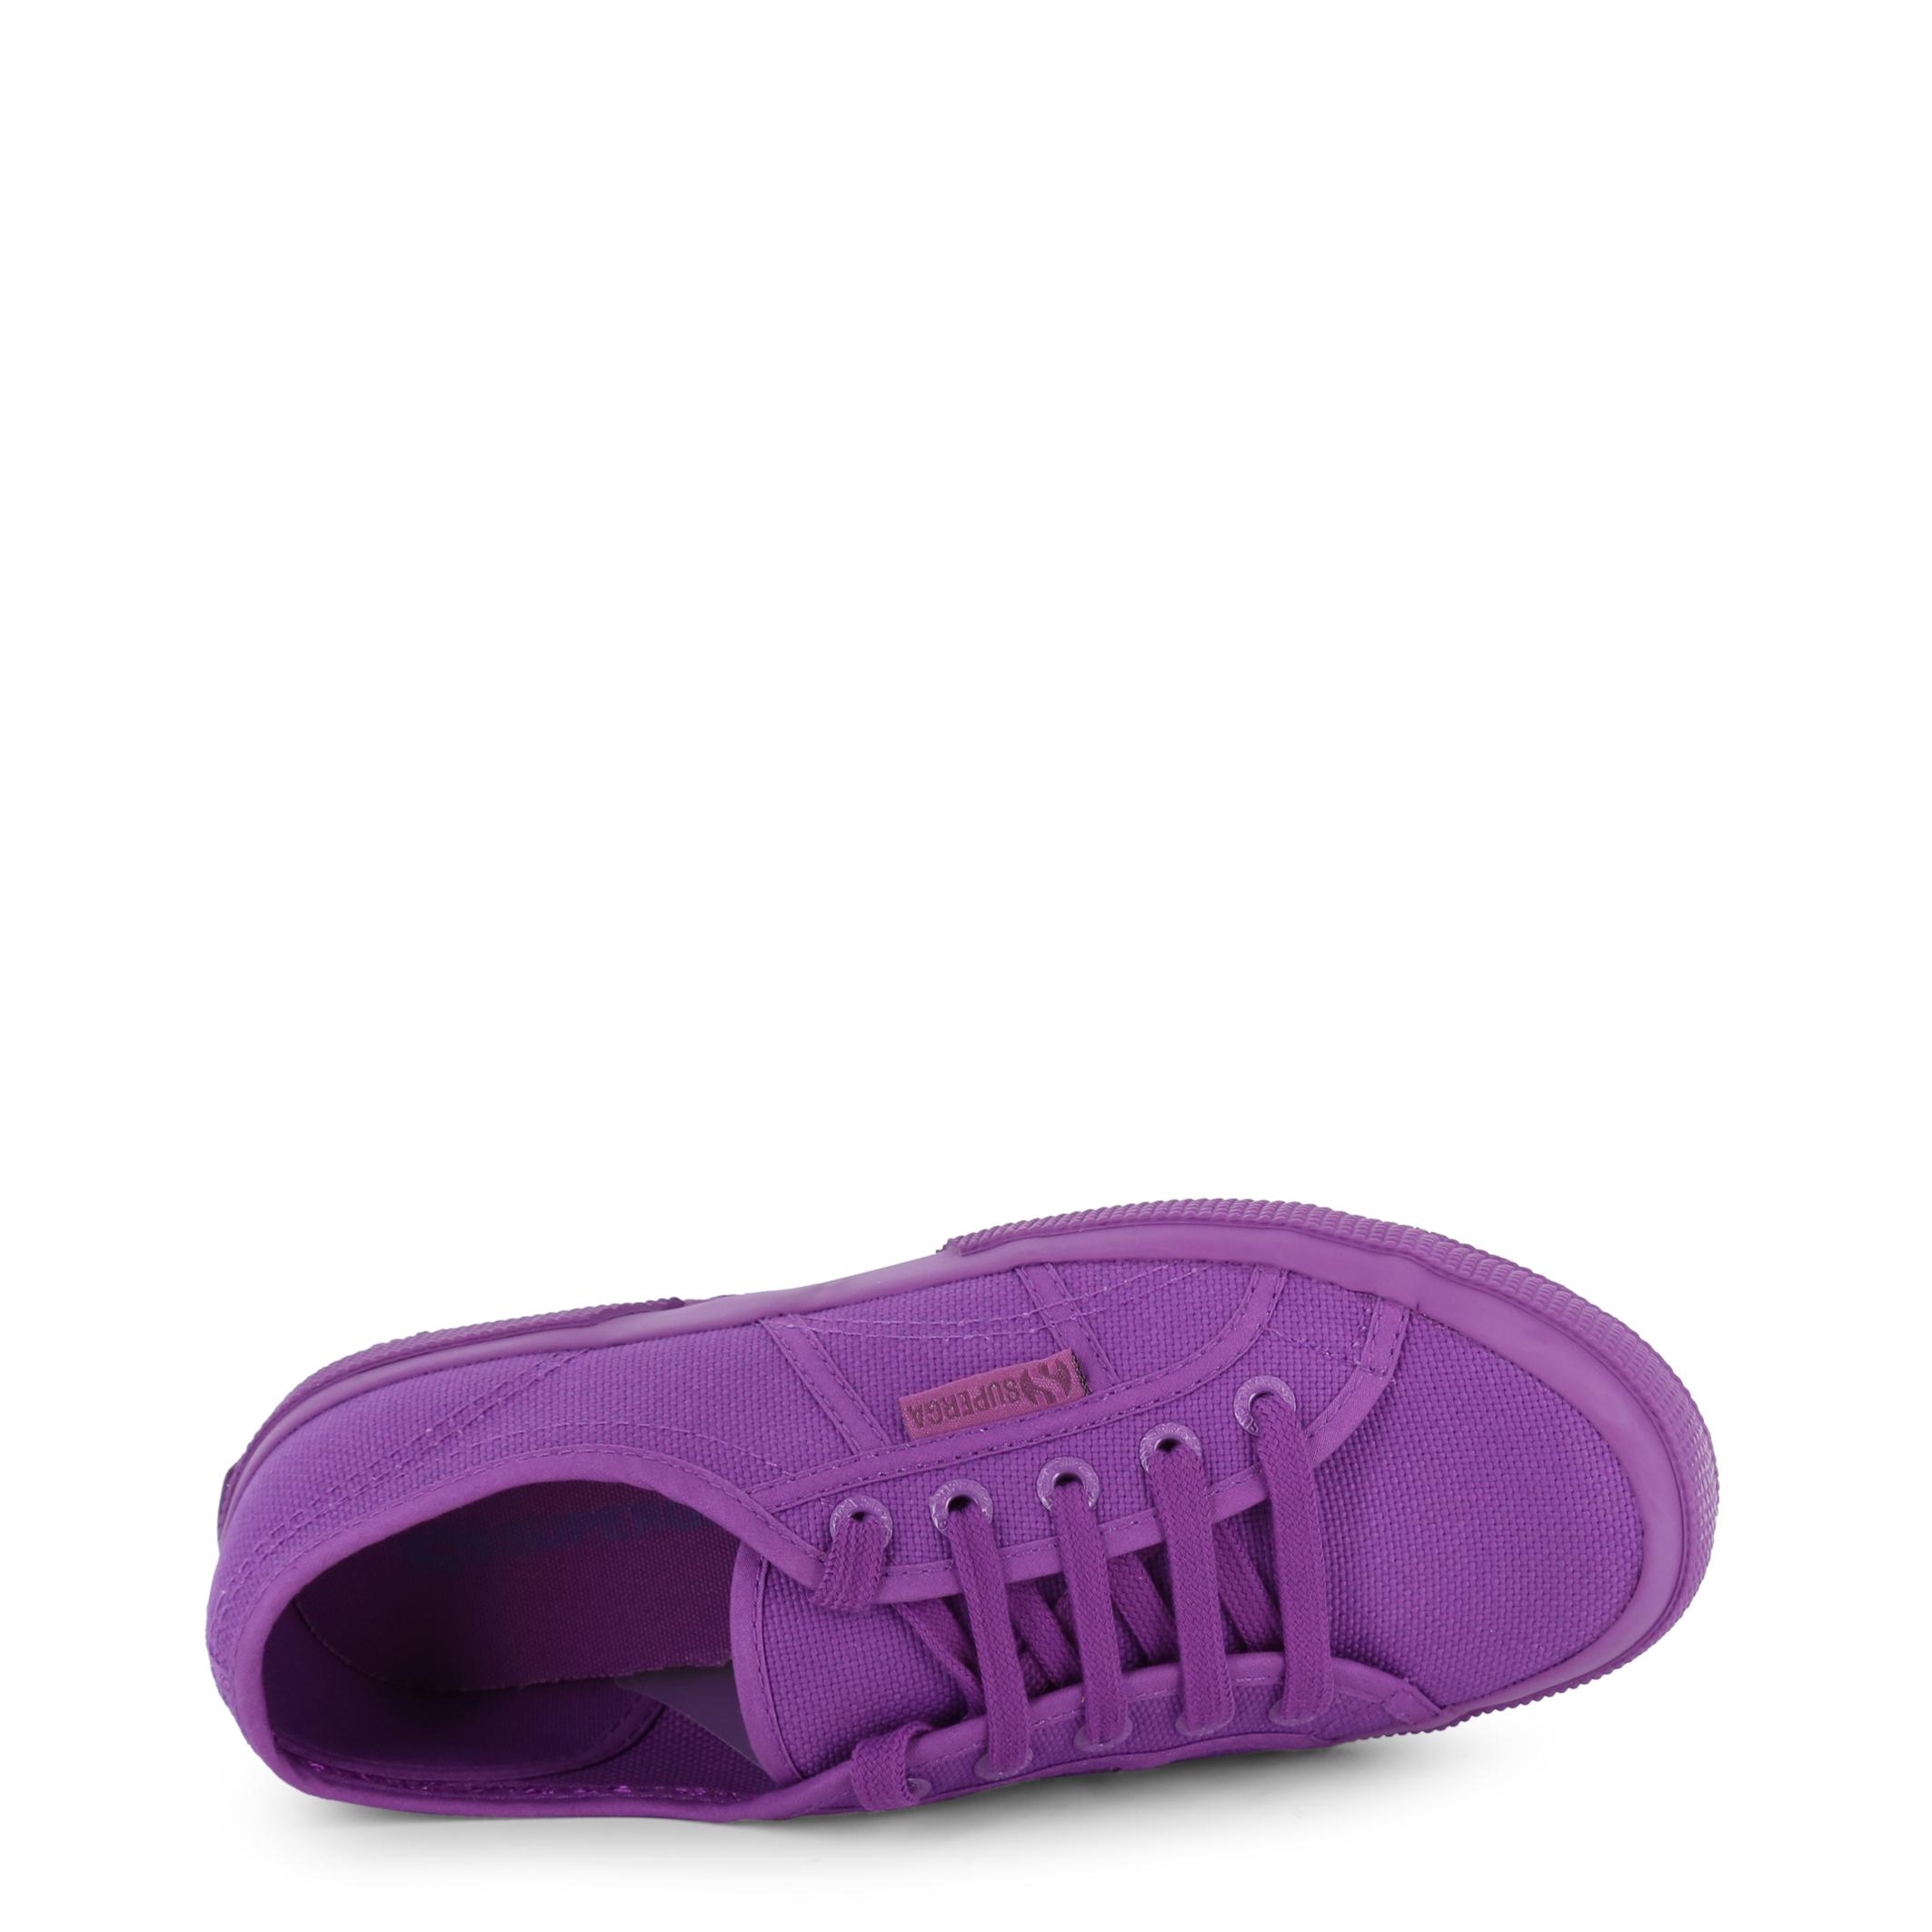 Chaussures de ville  Superga 2750-COTU-CLASSIC violet